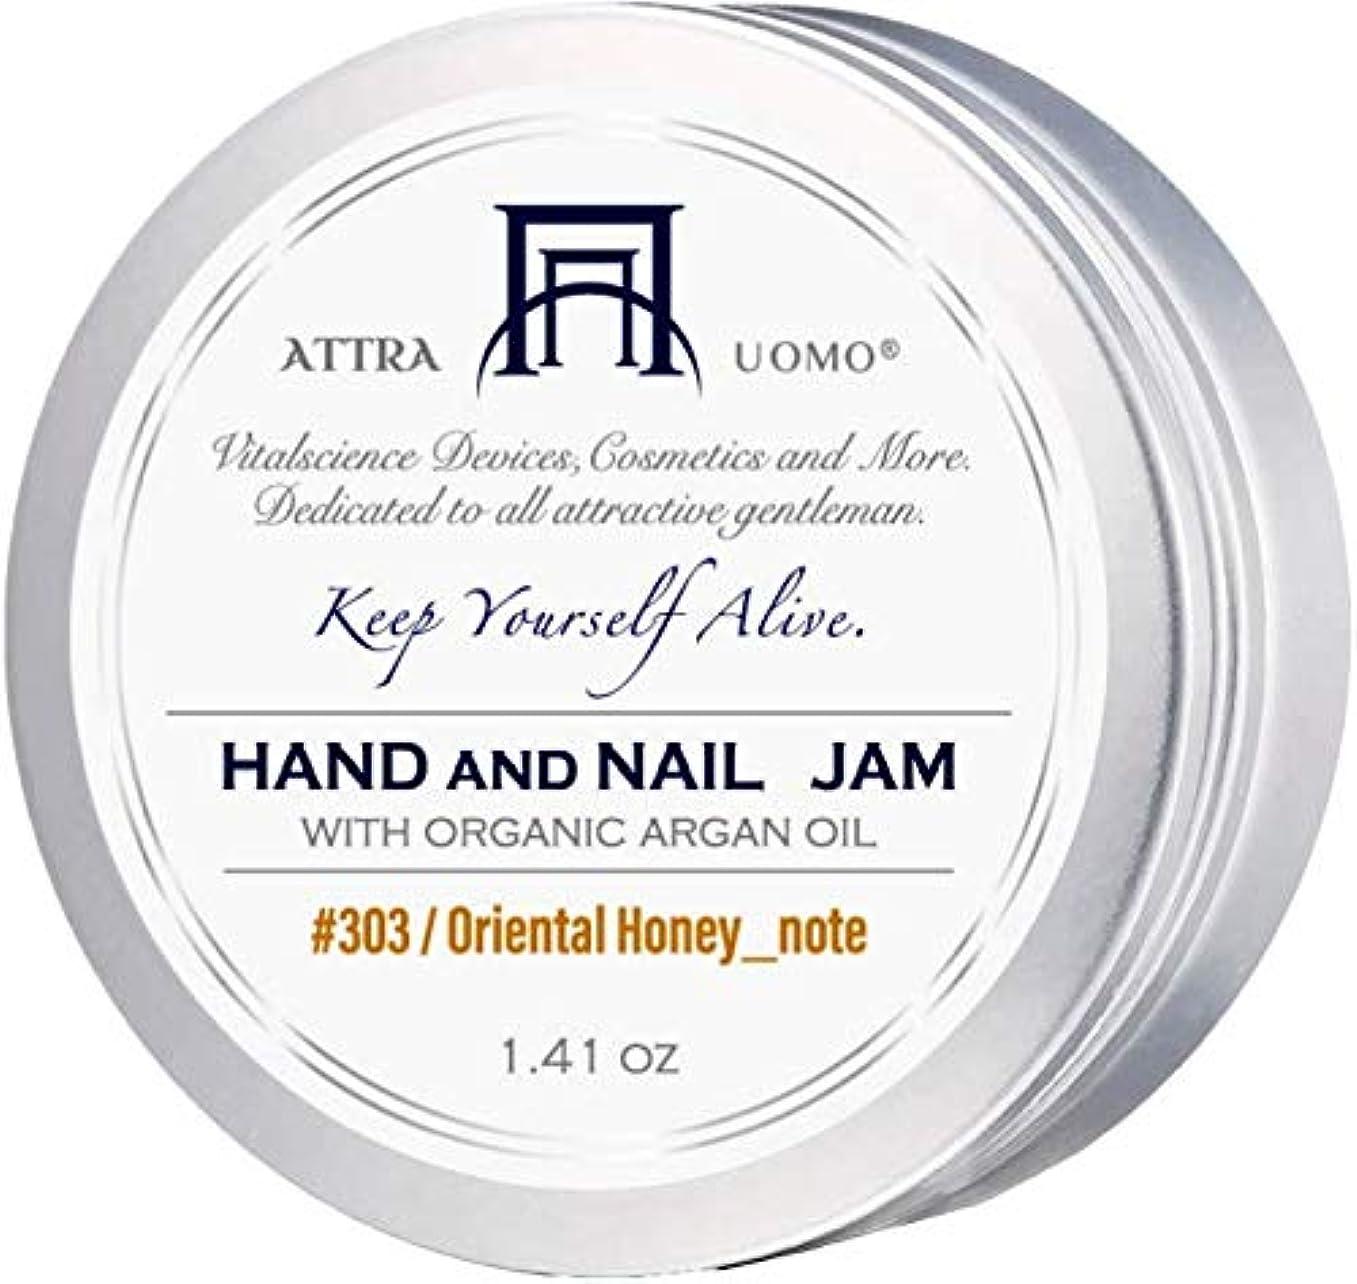 アトラ ハンド&ネイルジャム 40g (#303オリエンタルハニーの香り)